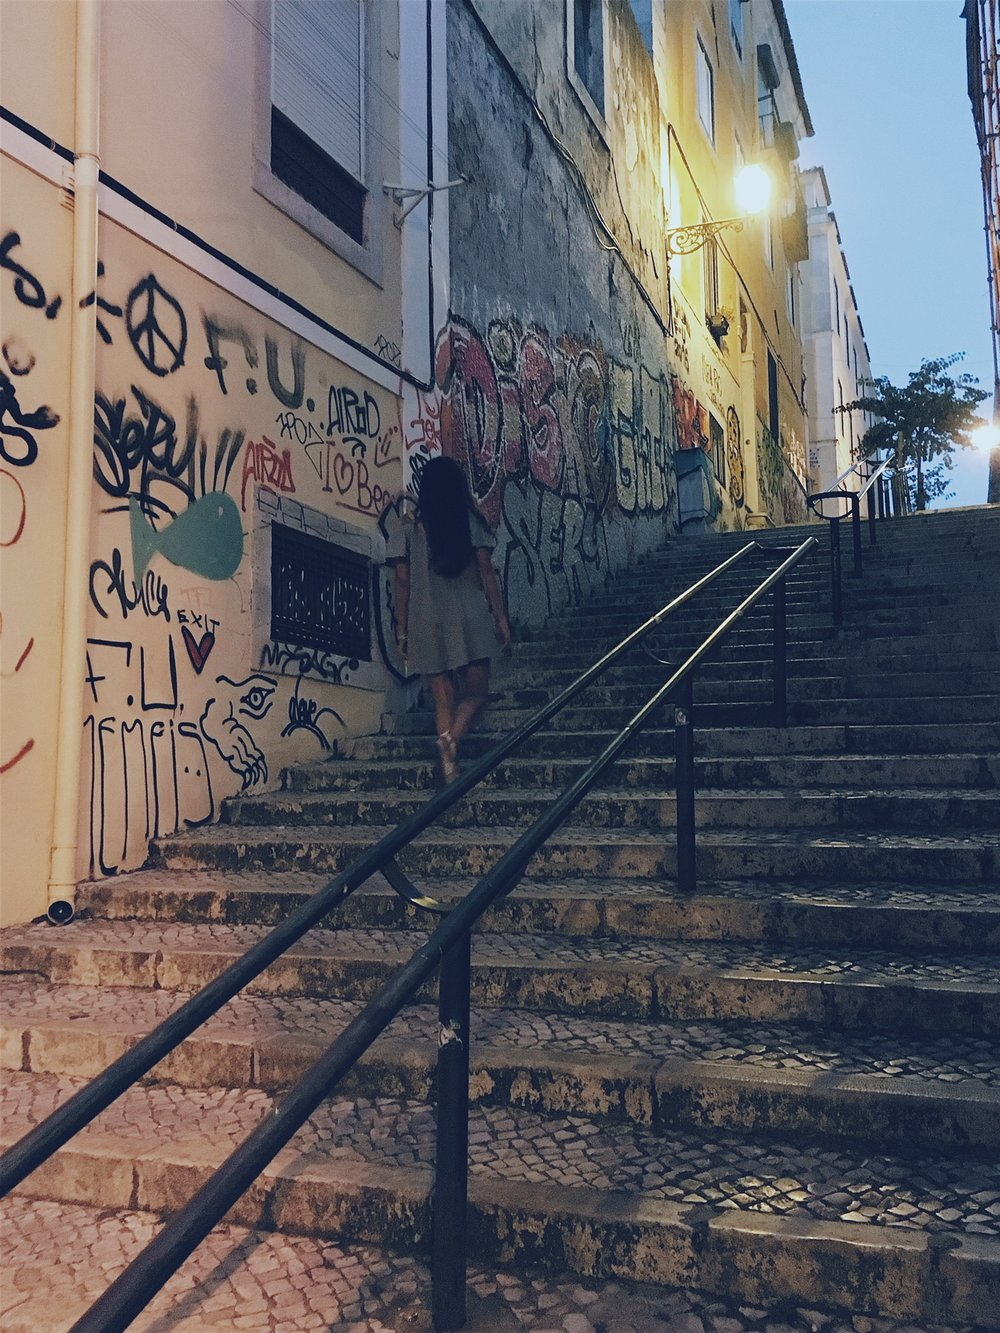 Wandering through alleyways